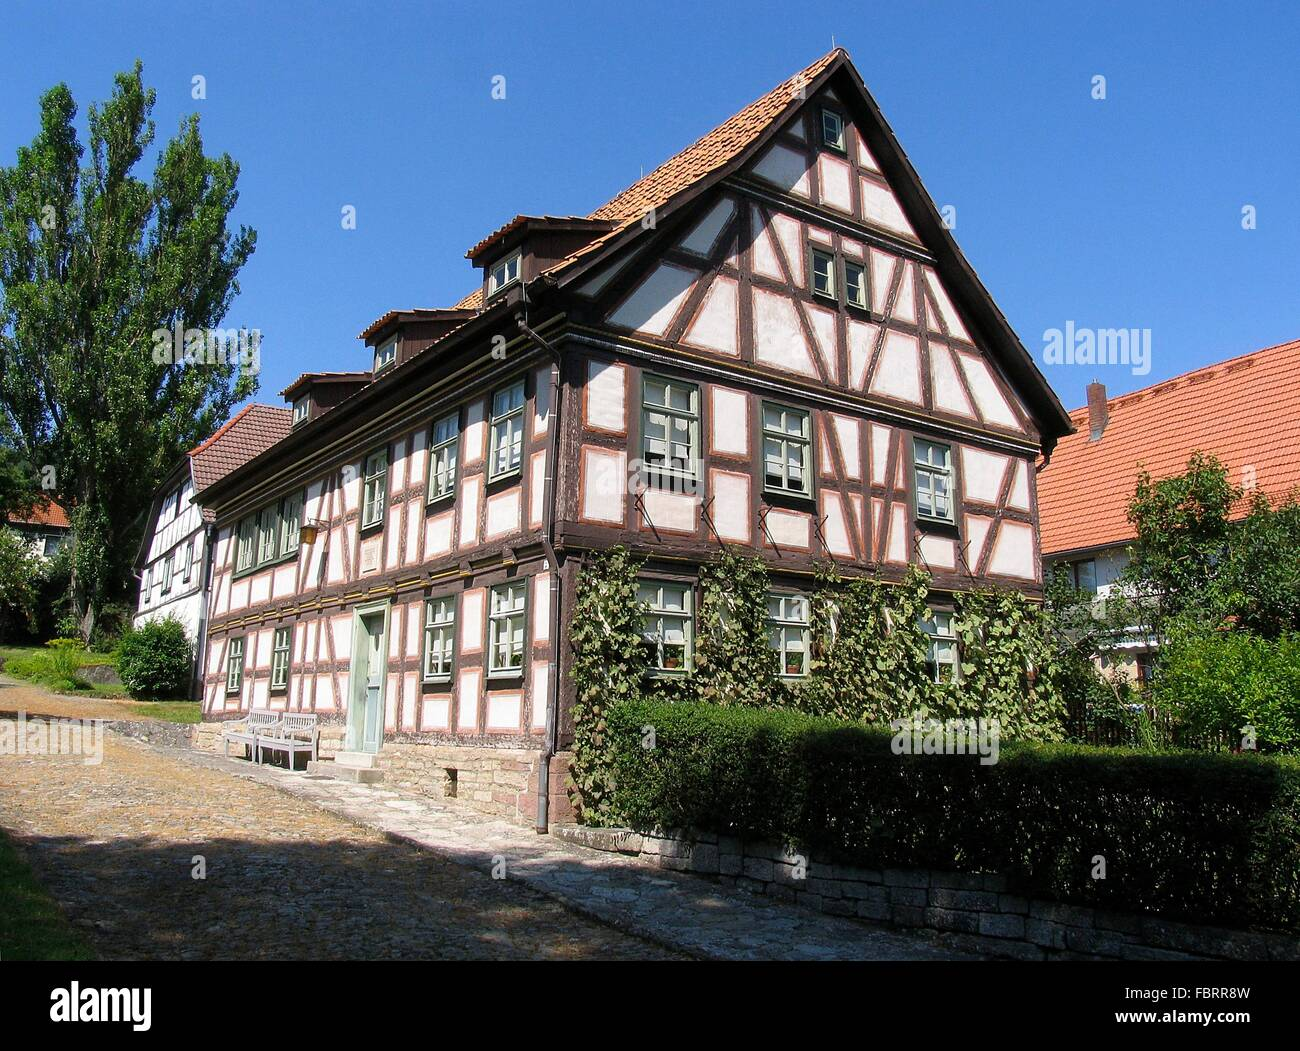 Bauerbach, Deutschland